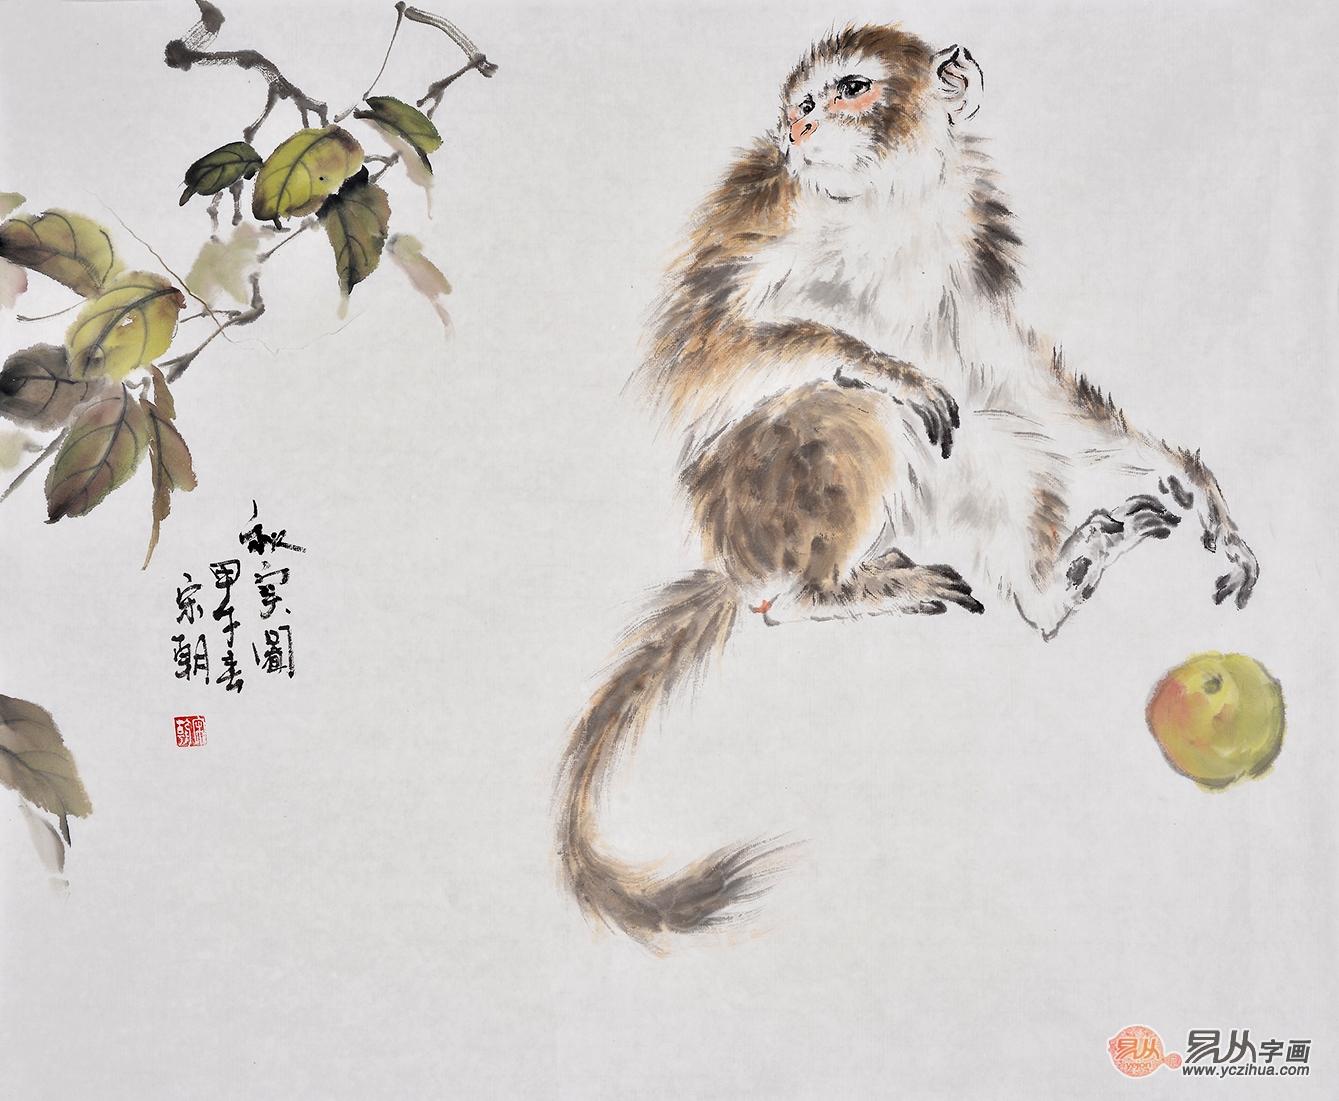 宋朝四尺斗方动物画作品猴子《秋实图》